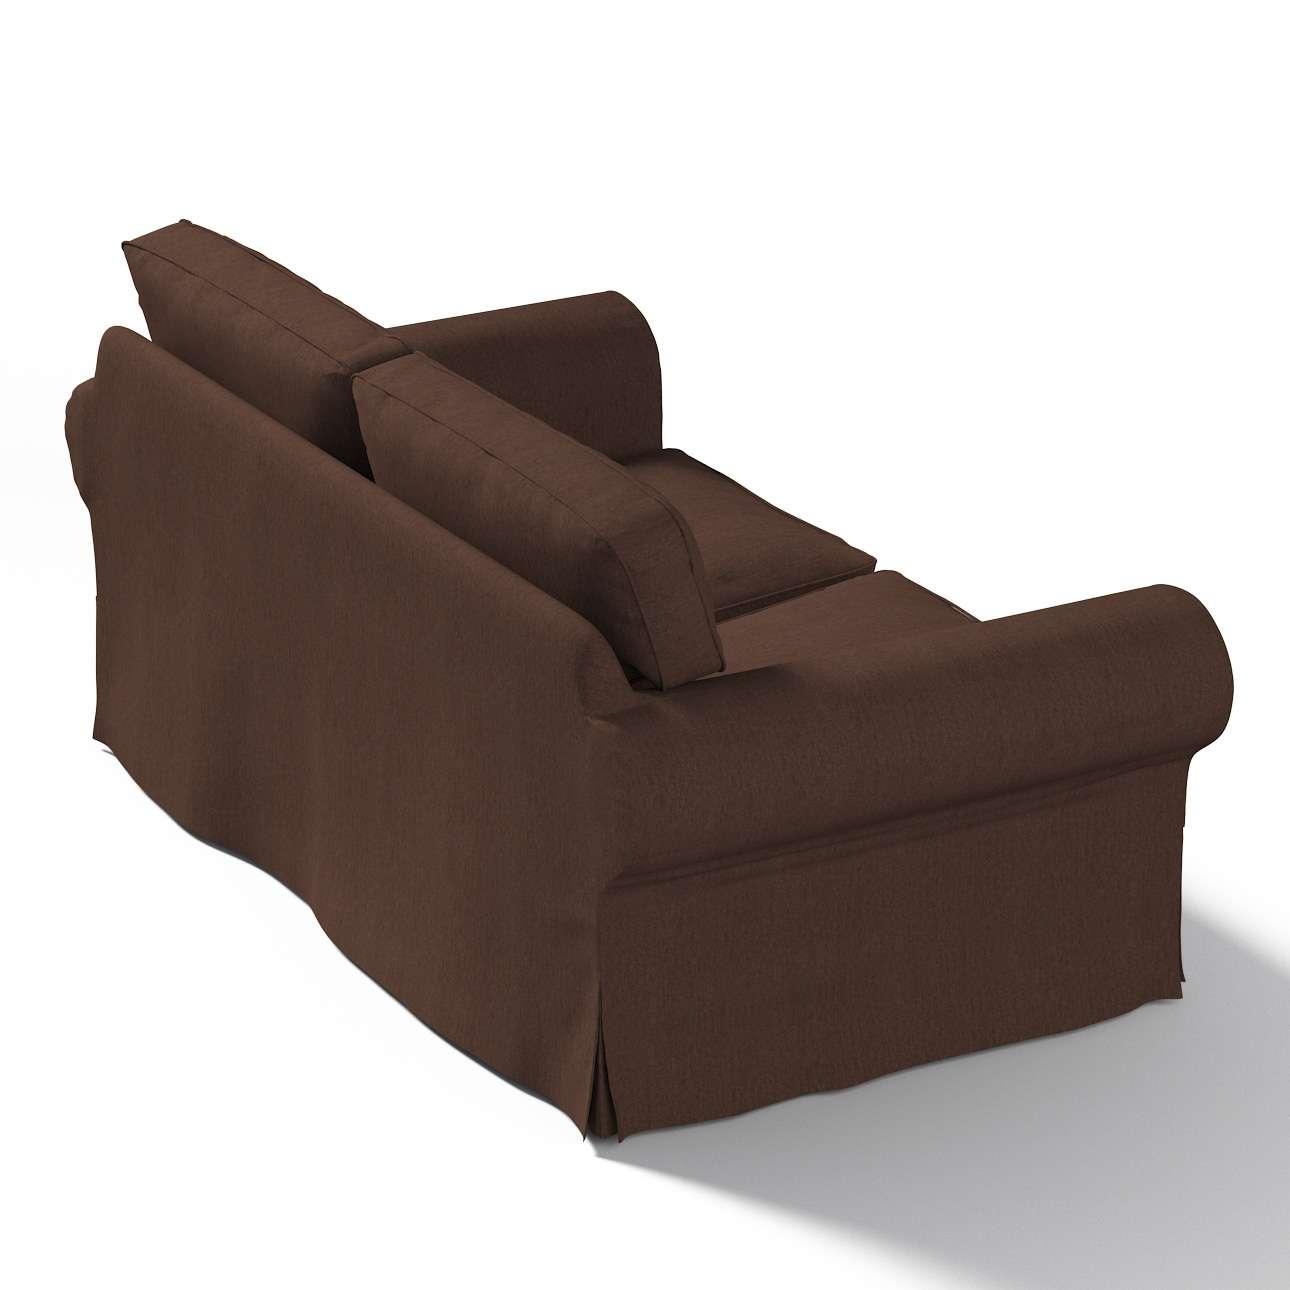 Pokrowiec na sofę Ektorp 2-osobową, rozkładaną STARY MODEL Sofa Ektorp 2-osobowa rozkładana w kolekcji Chenille, tkanina: 702-18